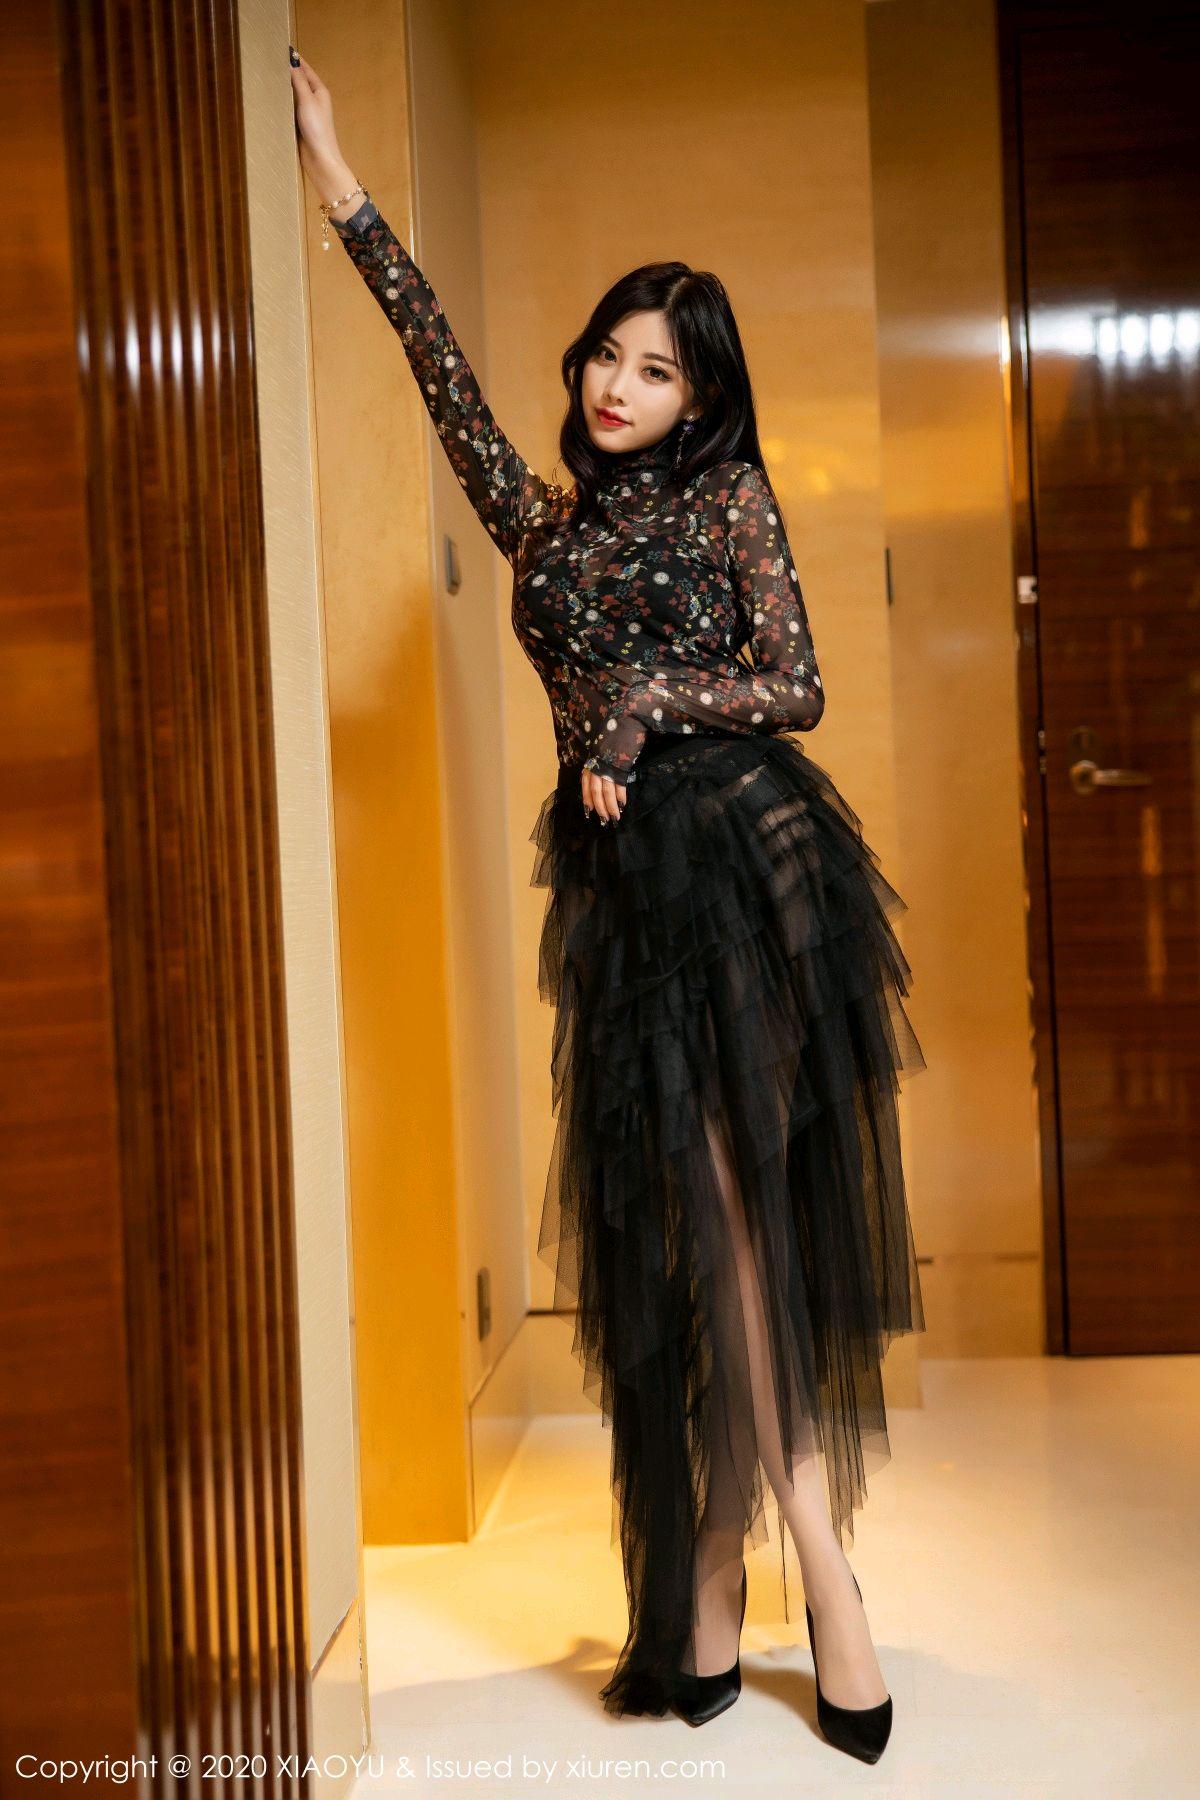 [XiaoYu] Vol.289 Yang Chen Chen 38P, Underwear, XiaoYu, Yang Chen Chen